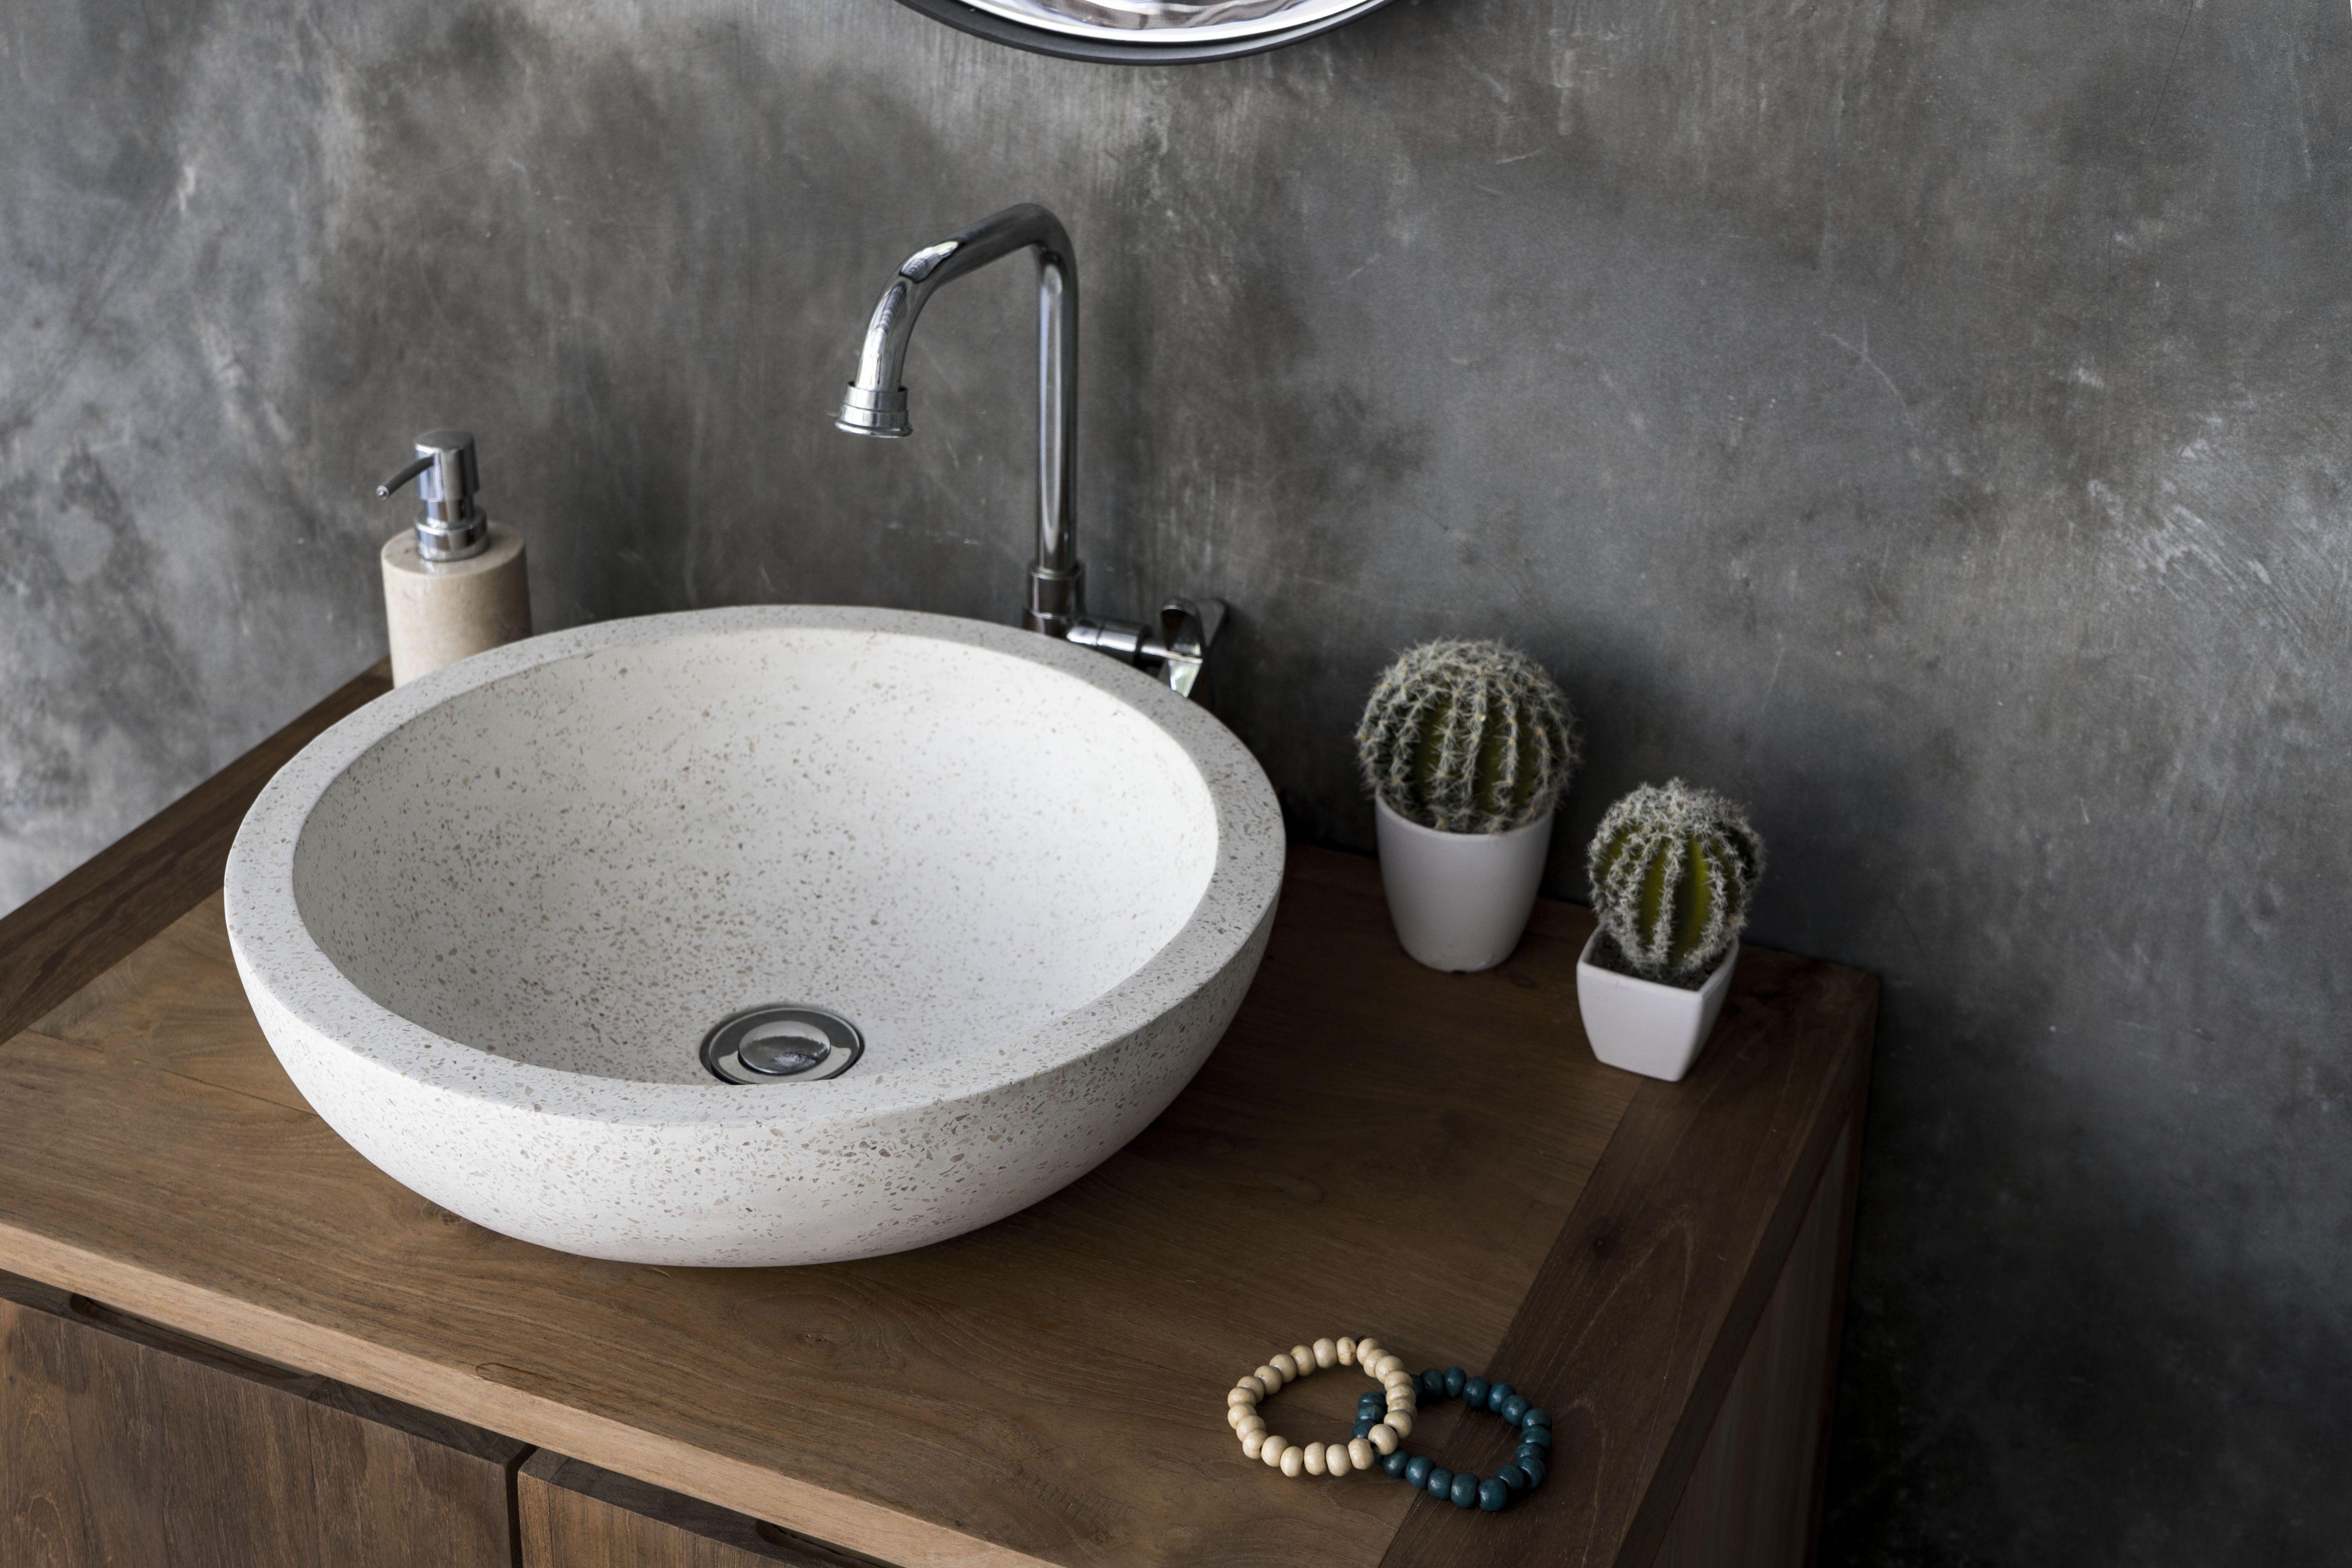 The Cerchio White Terrazzo Basin Bathroom Basin Ideas Trendy Basin Bathroom Styling Bathroom Basin Ideas Modern Bathroom Design Bathroom Styling Bathroom basin design ideas